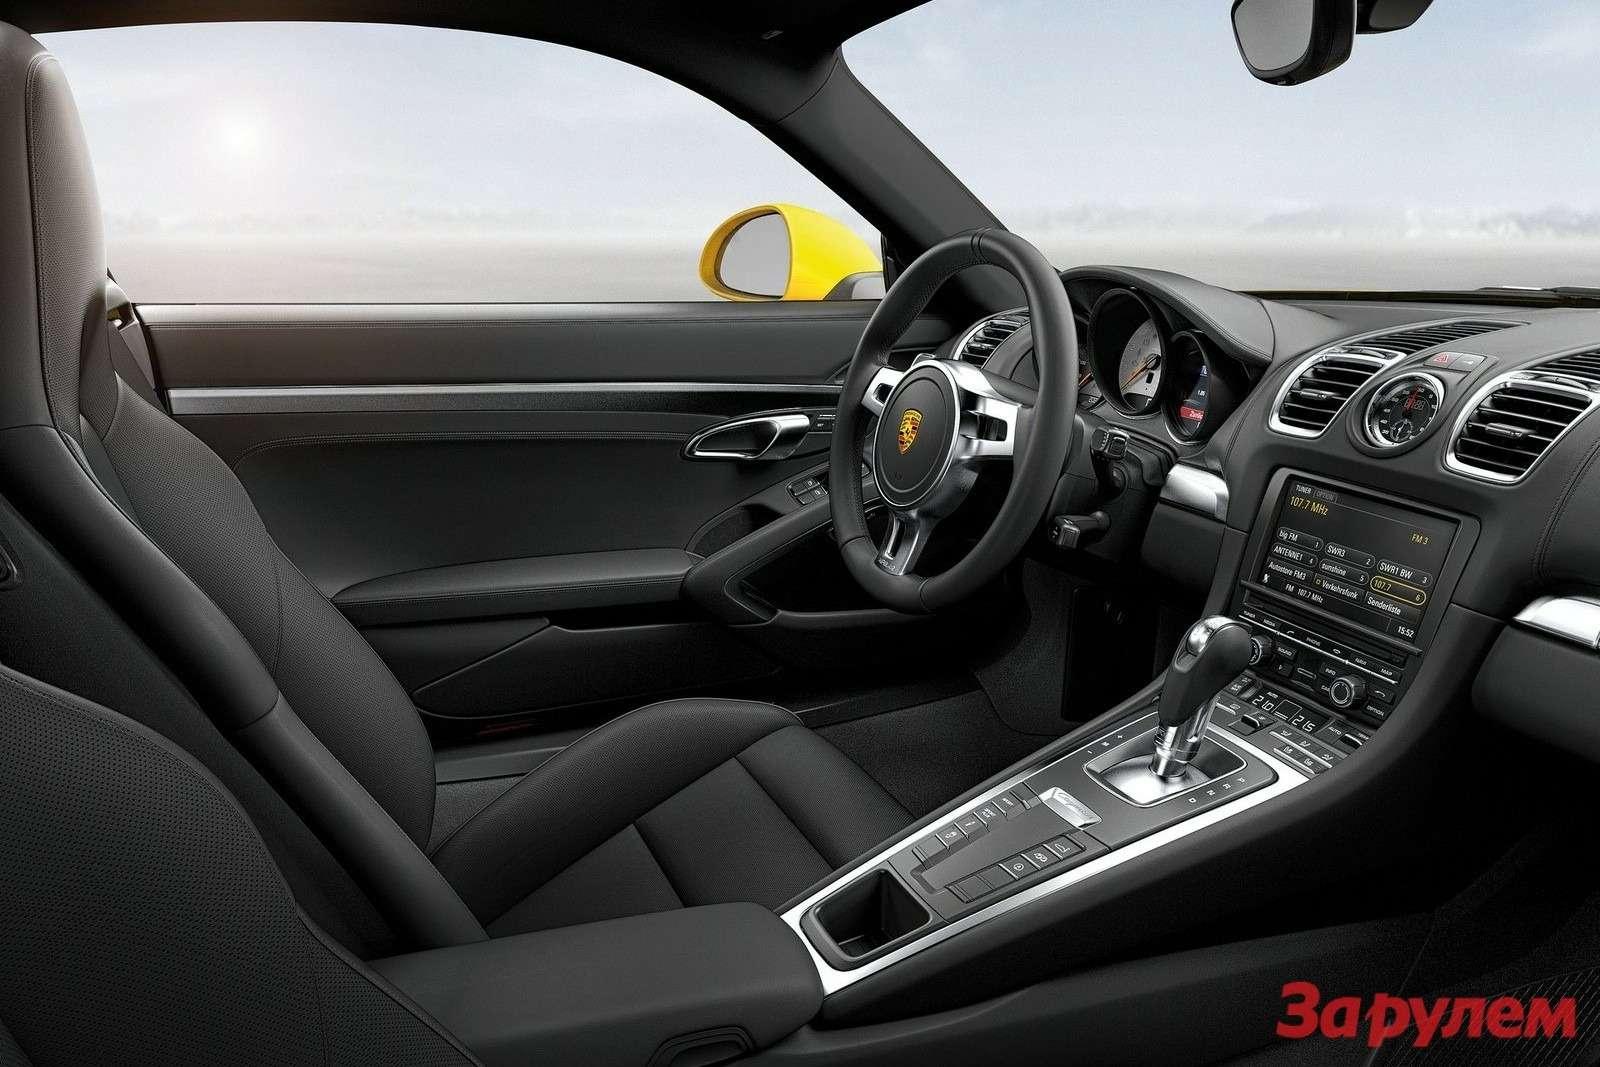 Porsche-Cayman_2014_1600x1200_wallpaper_09